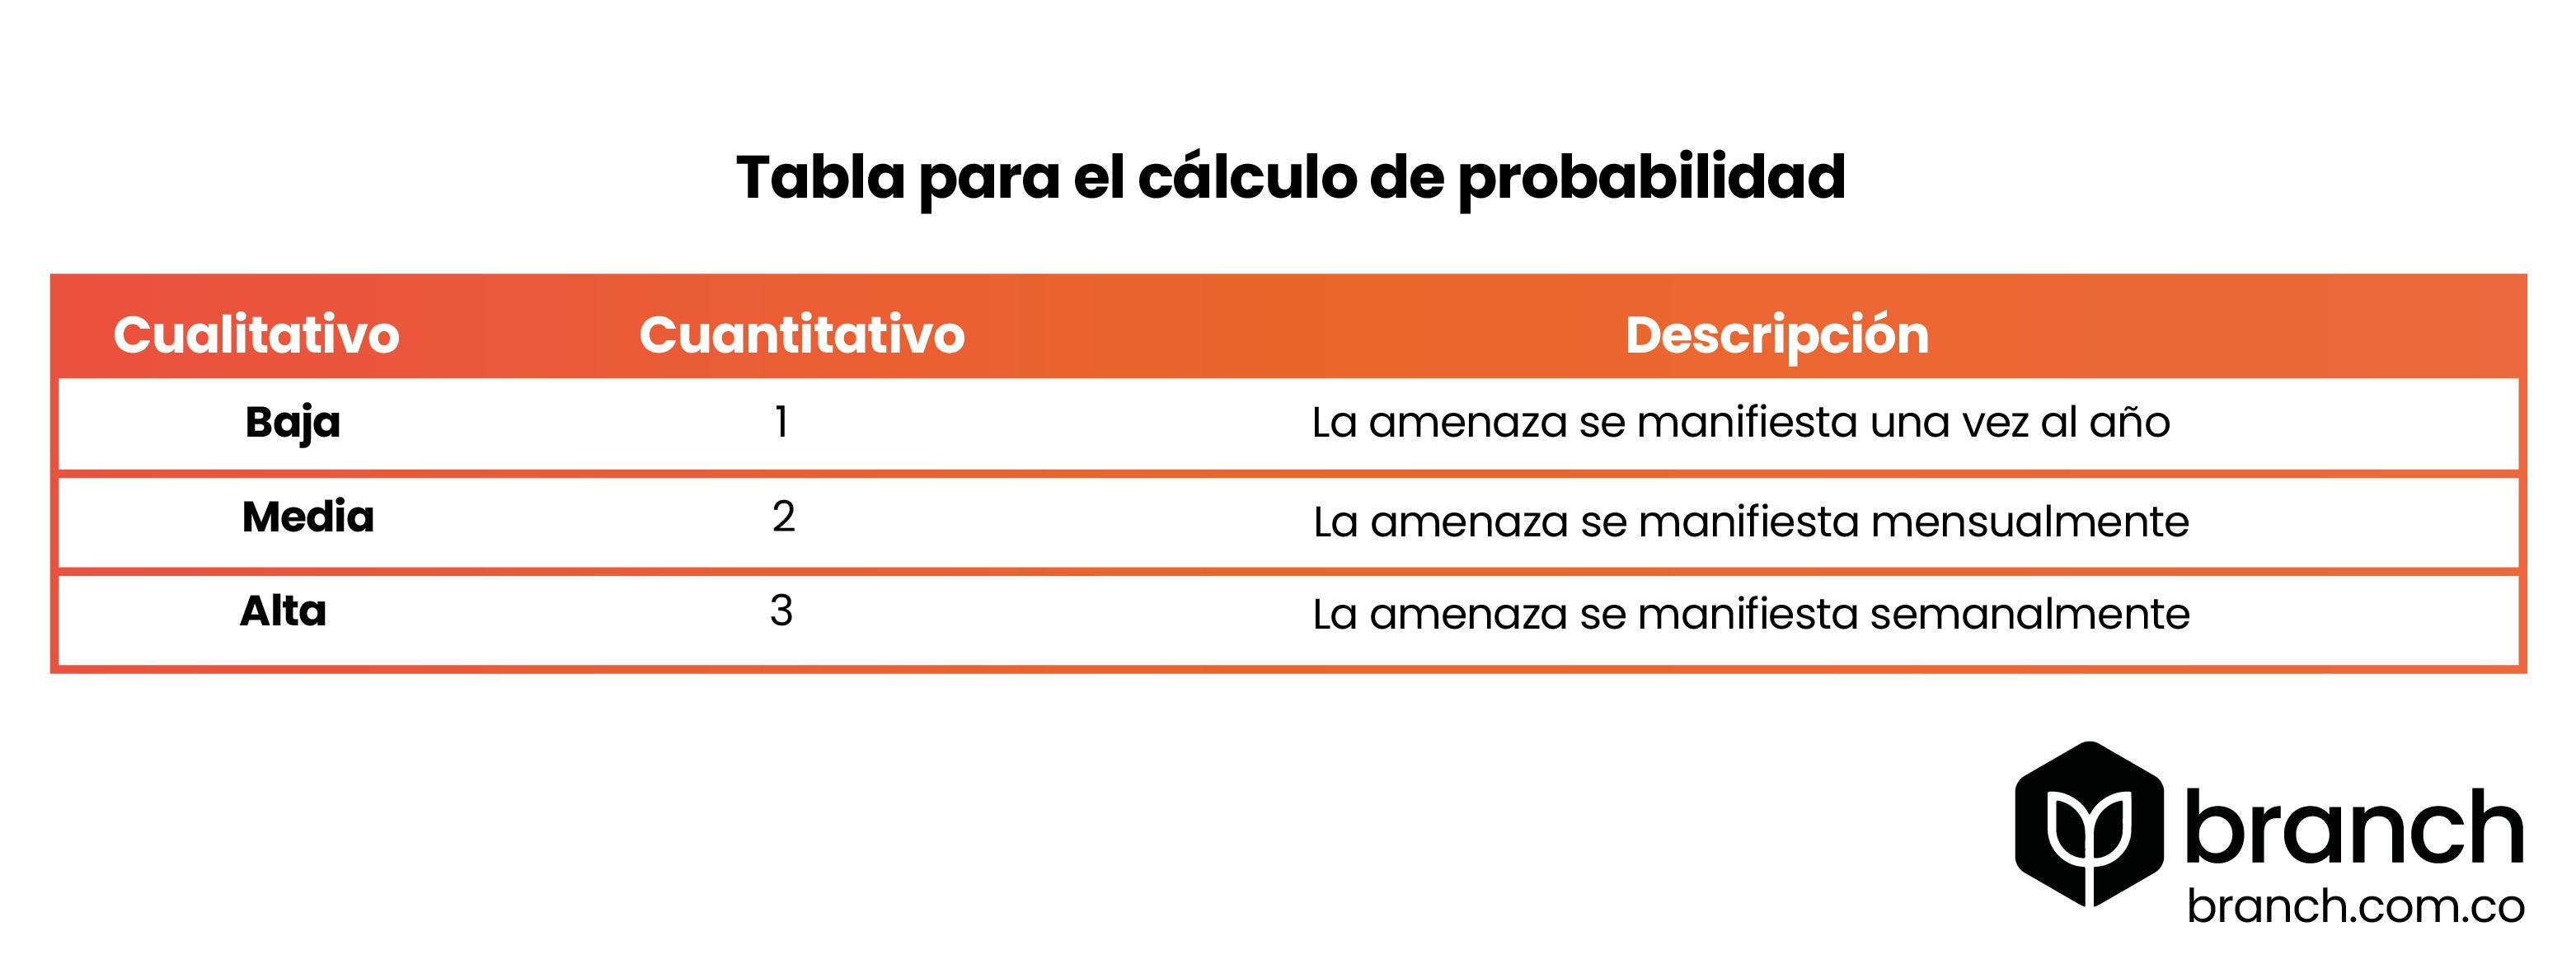 tabla-para-el-calculo-de-probabilidad-analisis-de-riesgo